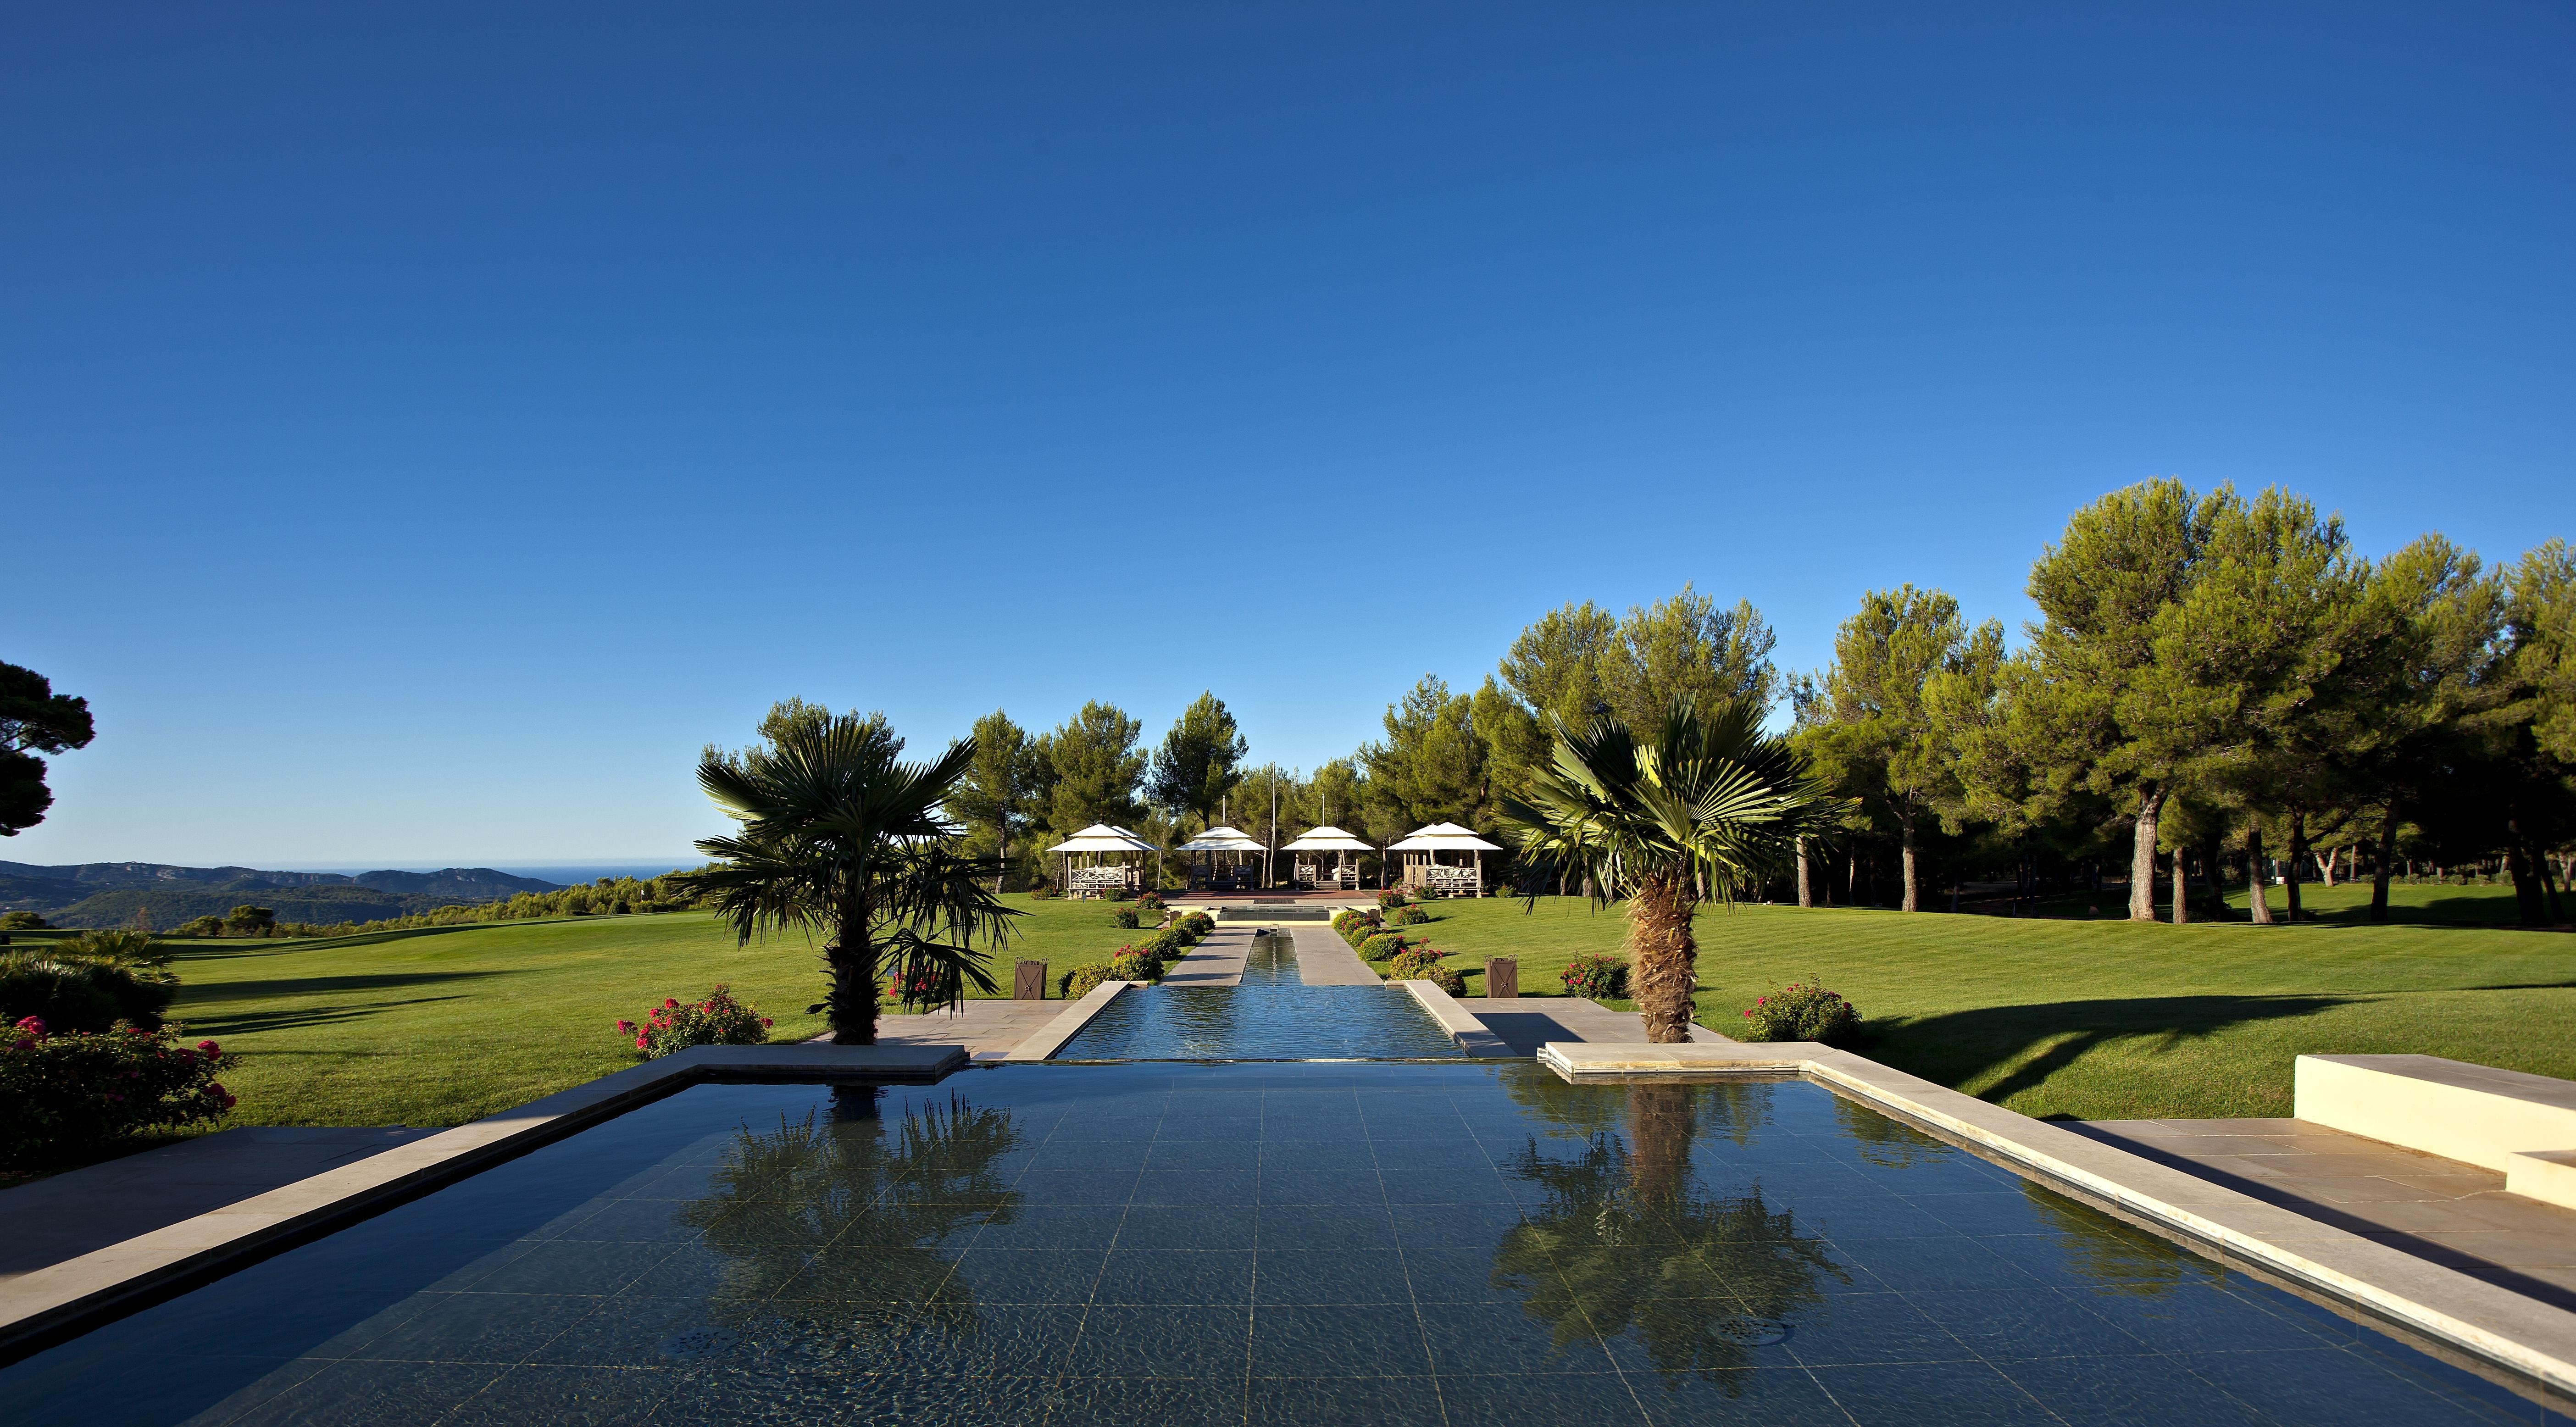 Vue de la piscine de l'Hôtel du Castellet, un Relais & Chateaux de Provence